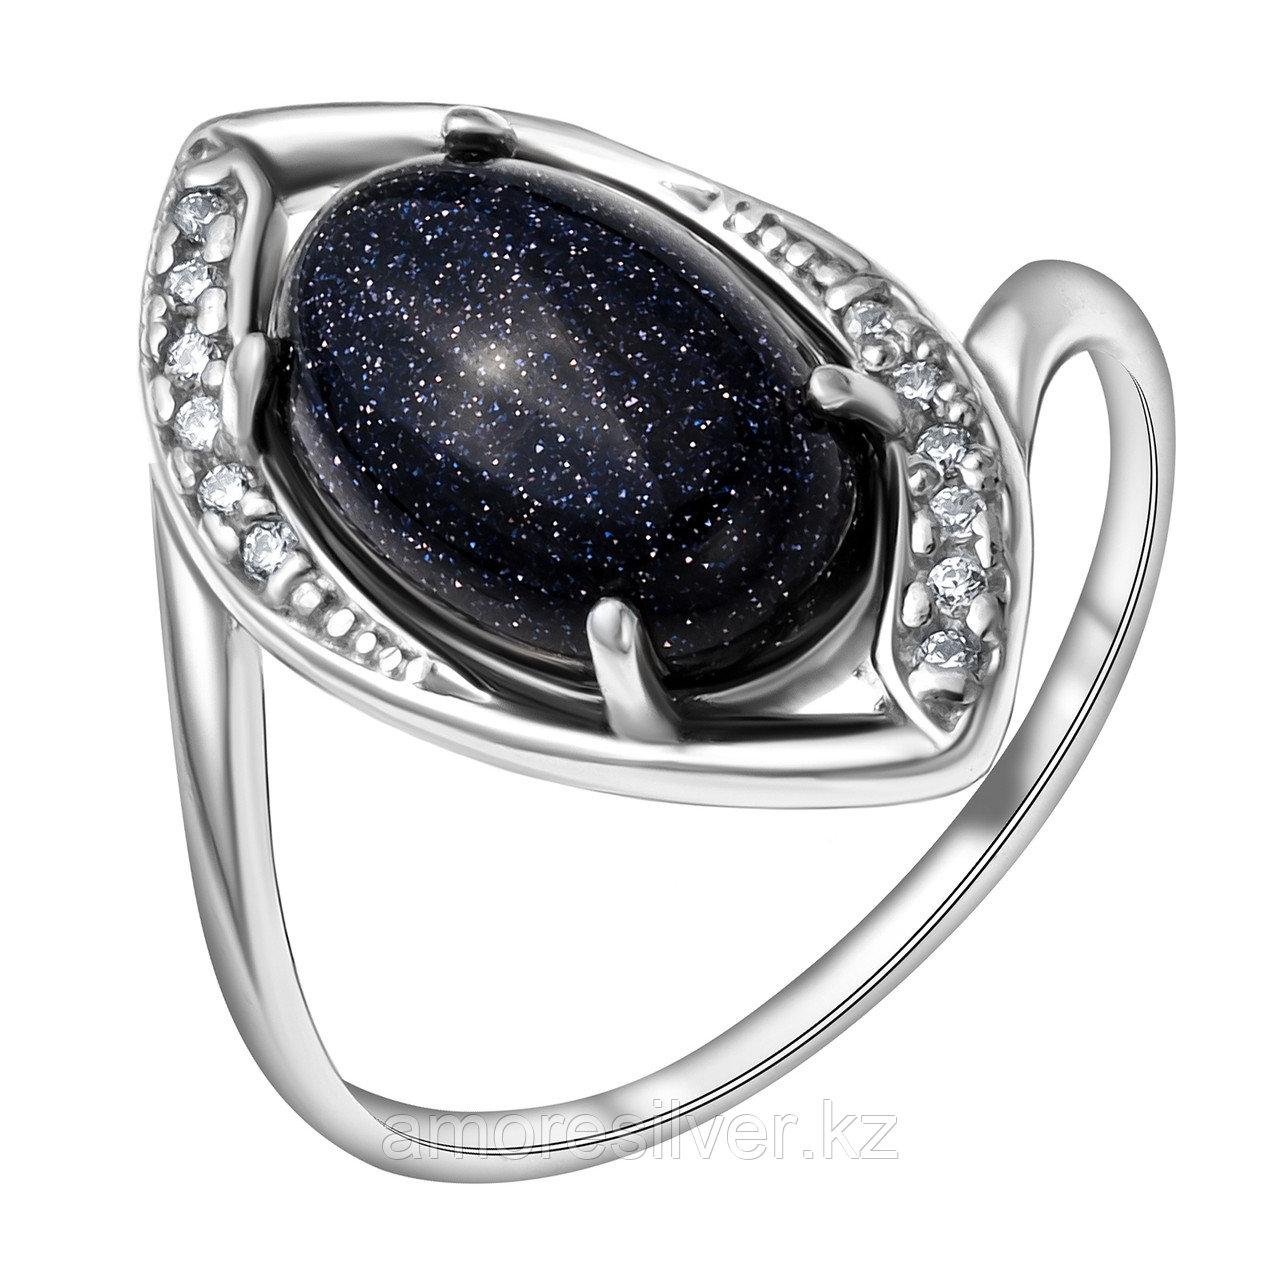 Серебряное кольцо с  и авантюрином  Приволжский Ювелир 261183-GLS